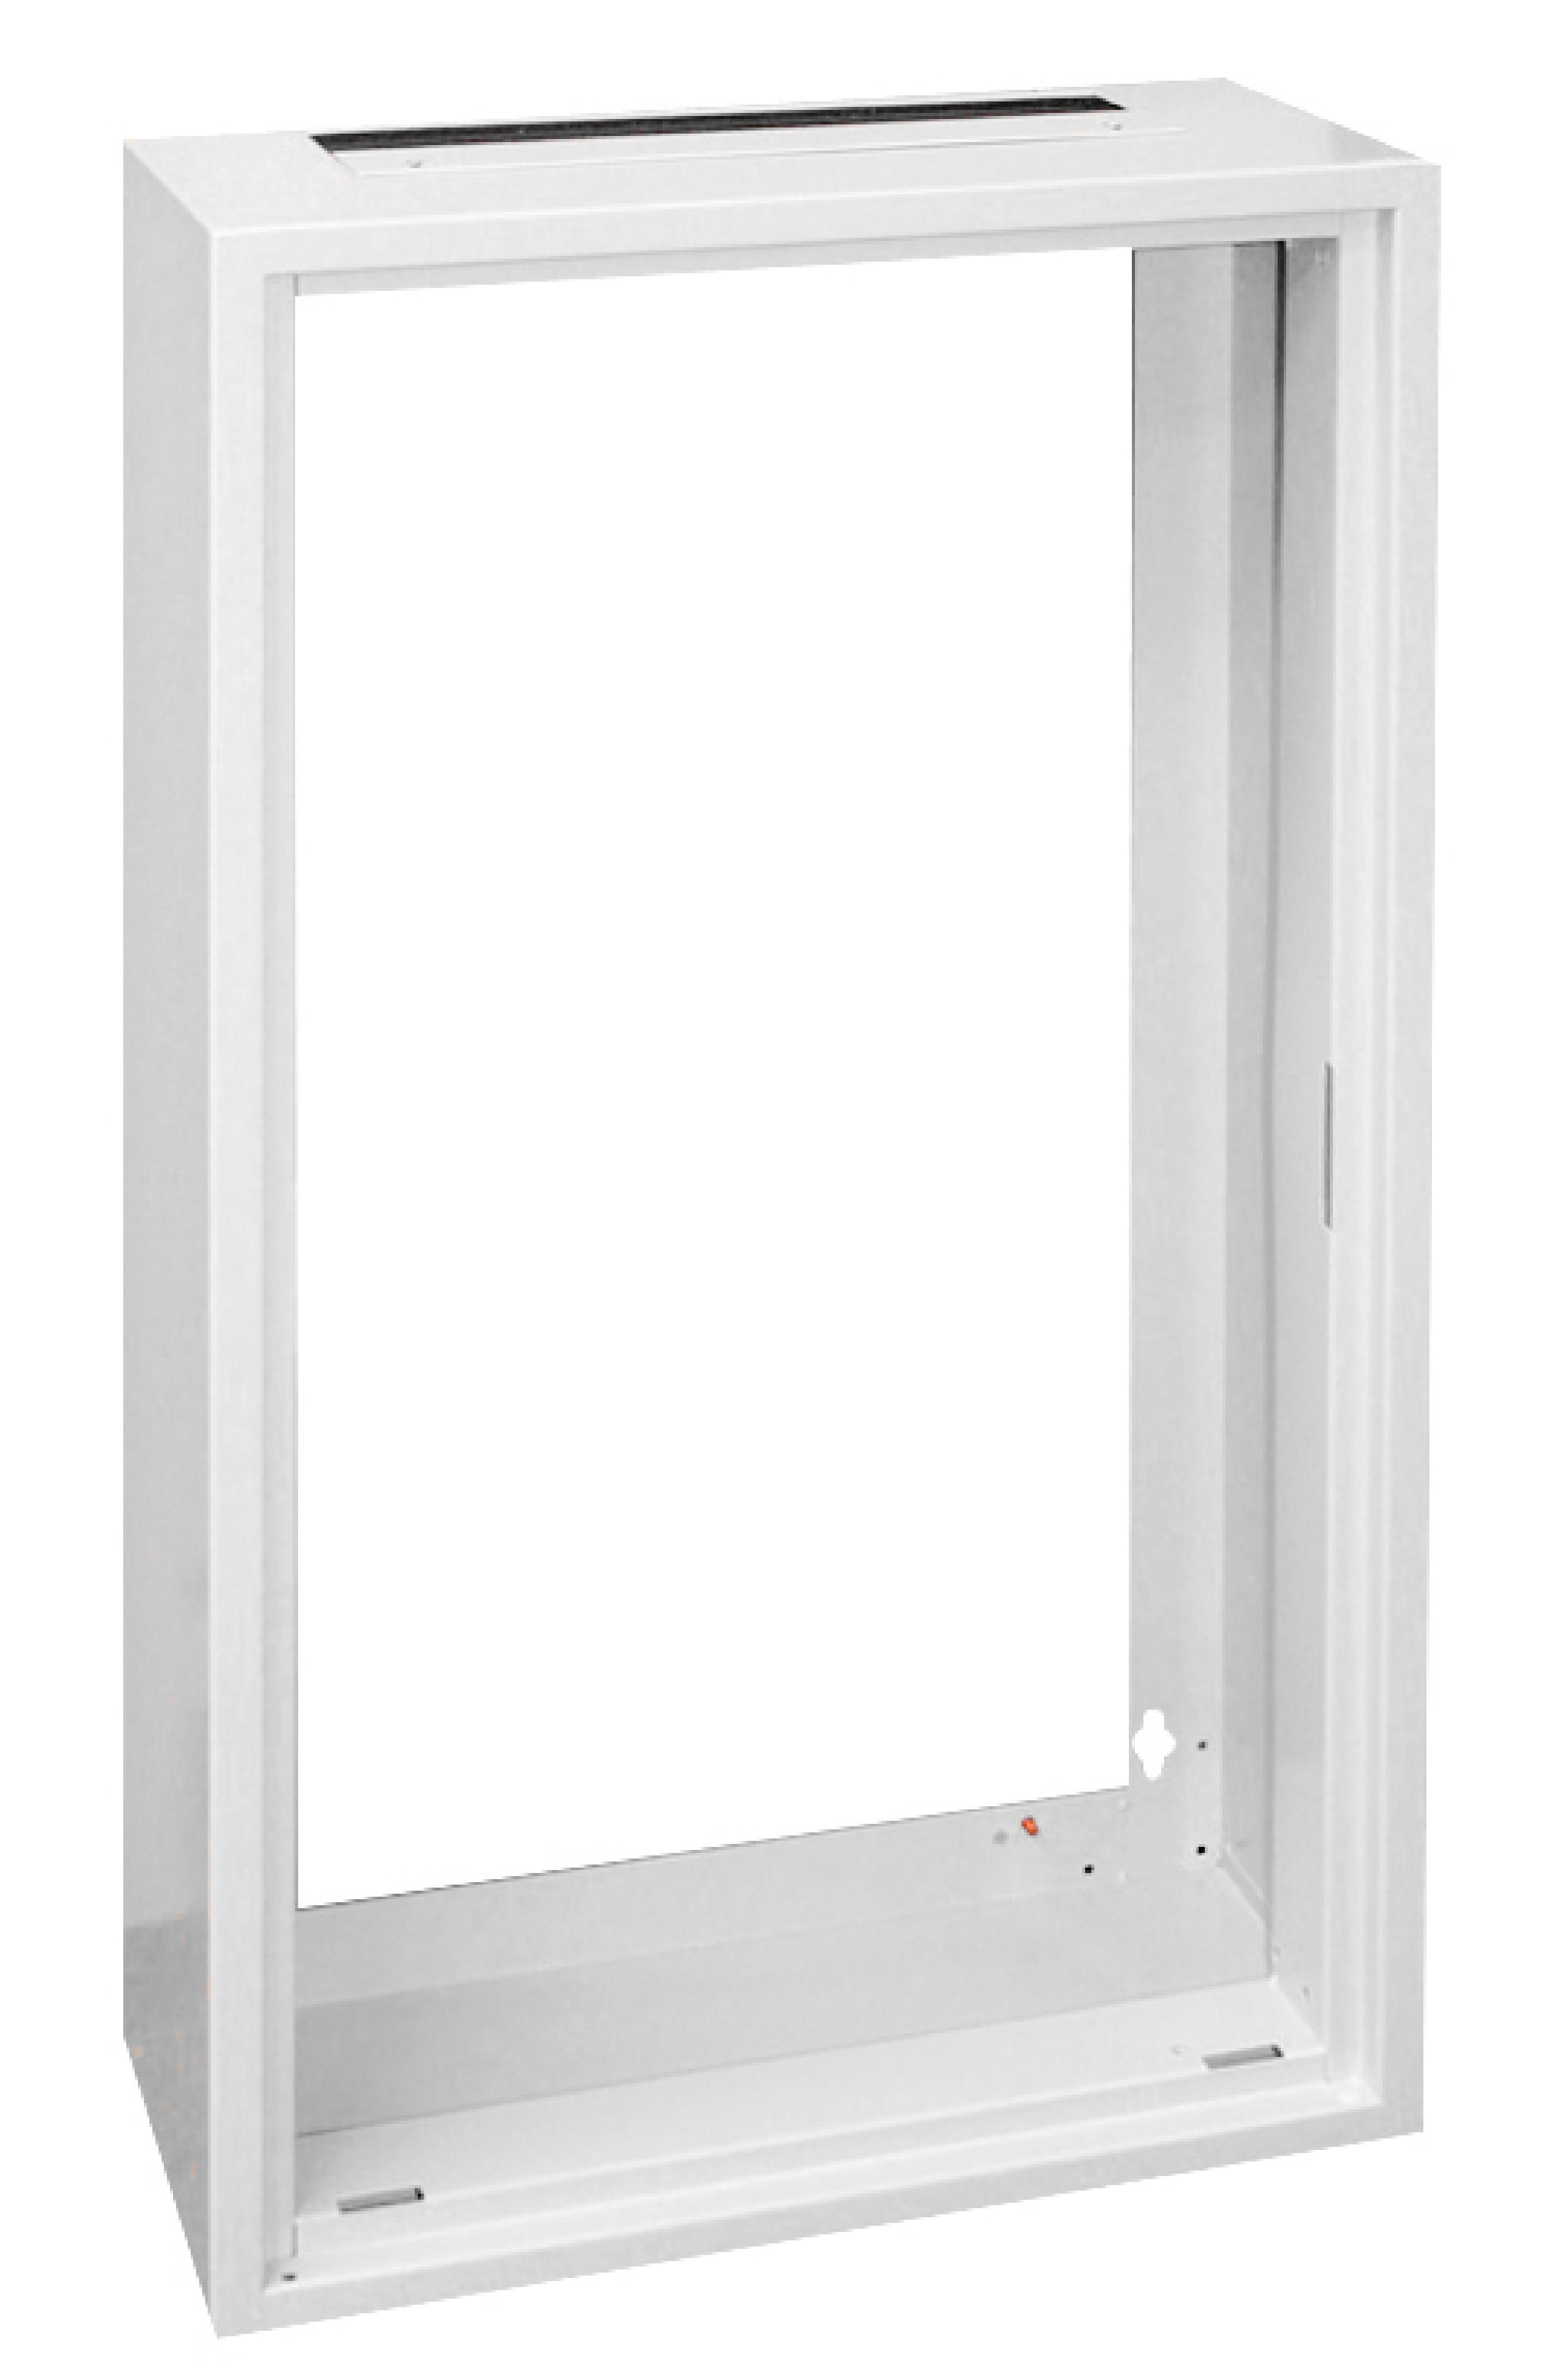 1 Stk AP-Rahmen ohne Türe und Rückwand 4A-21, H1055B1030T250mm IL001421-F